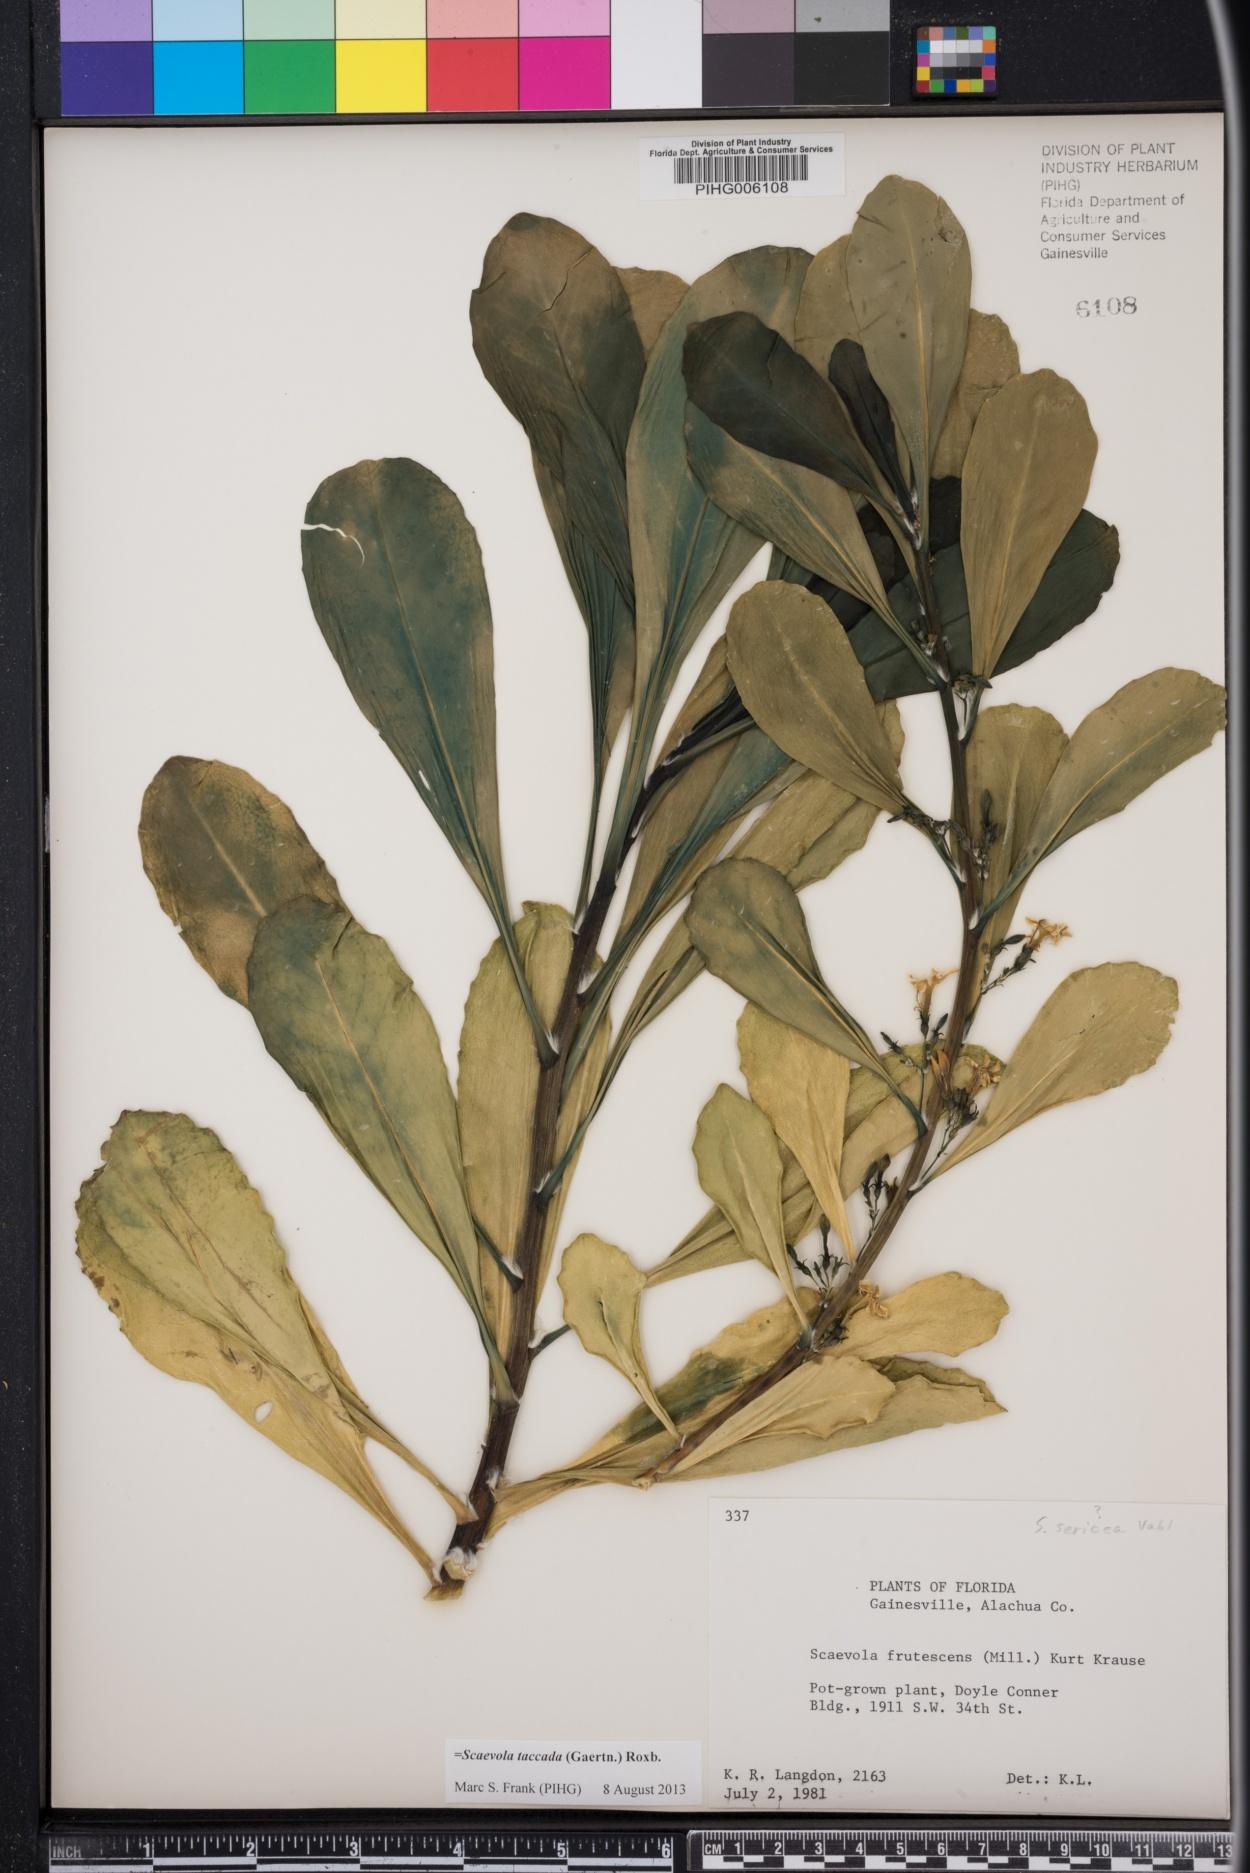 Scaevola frutescens image